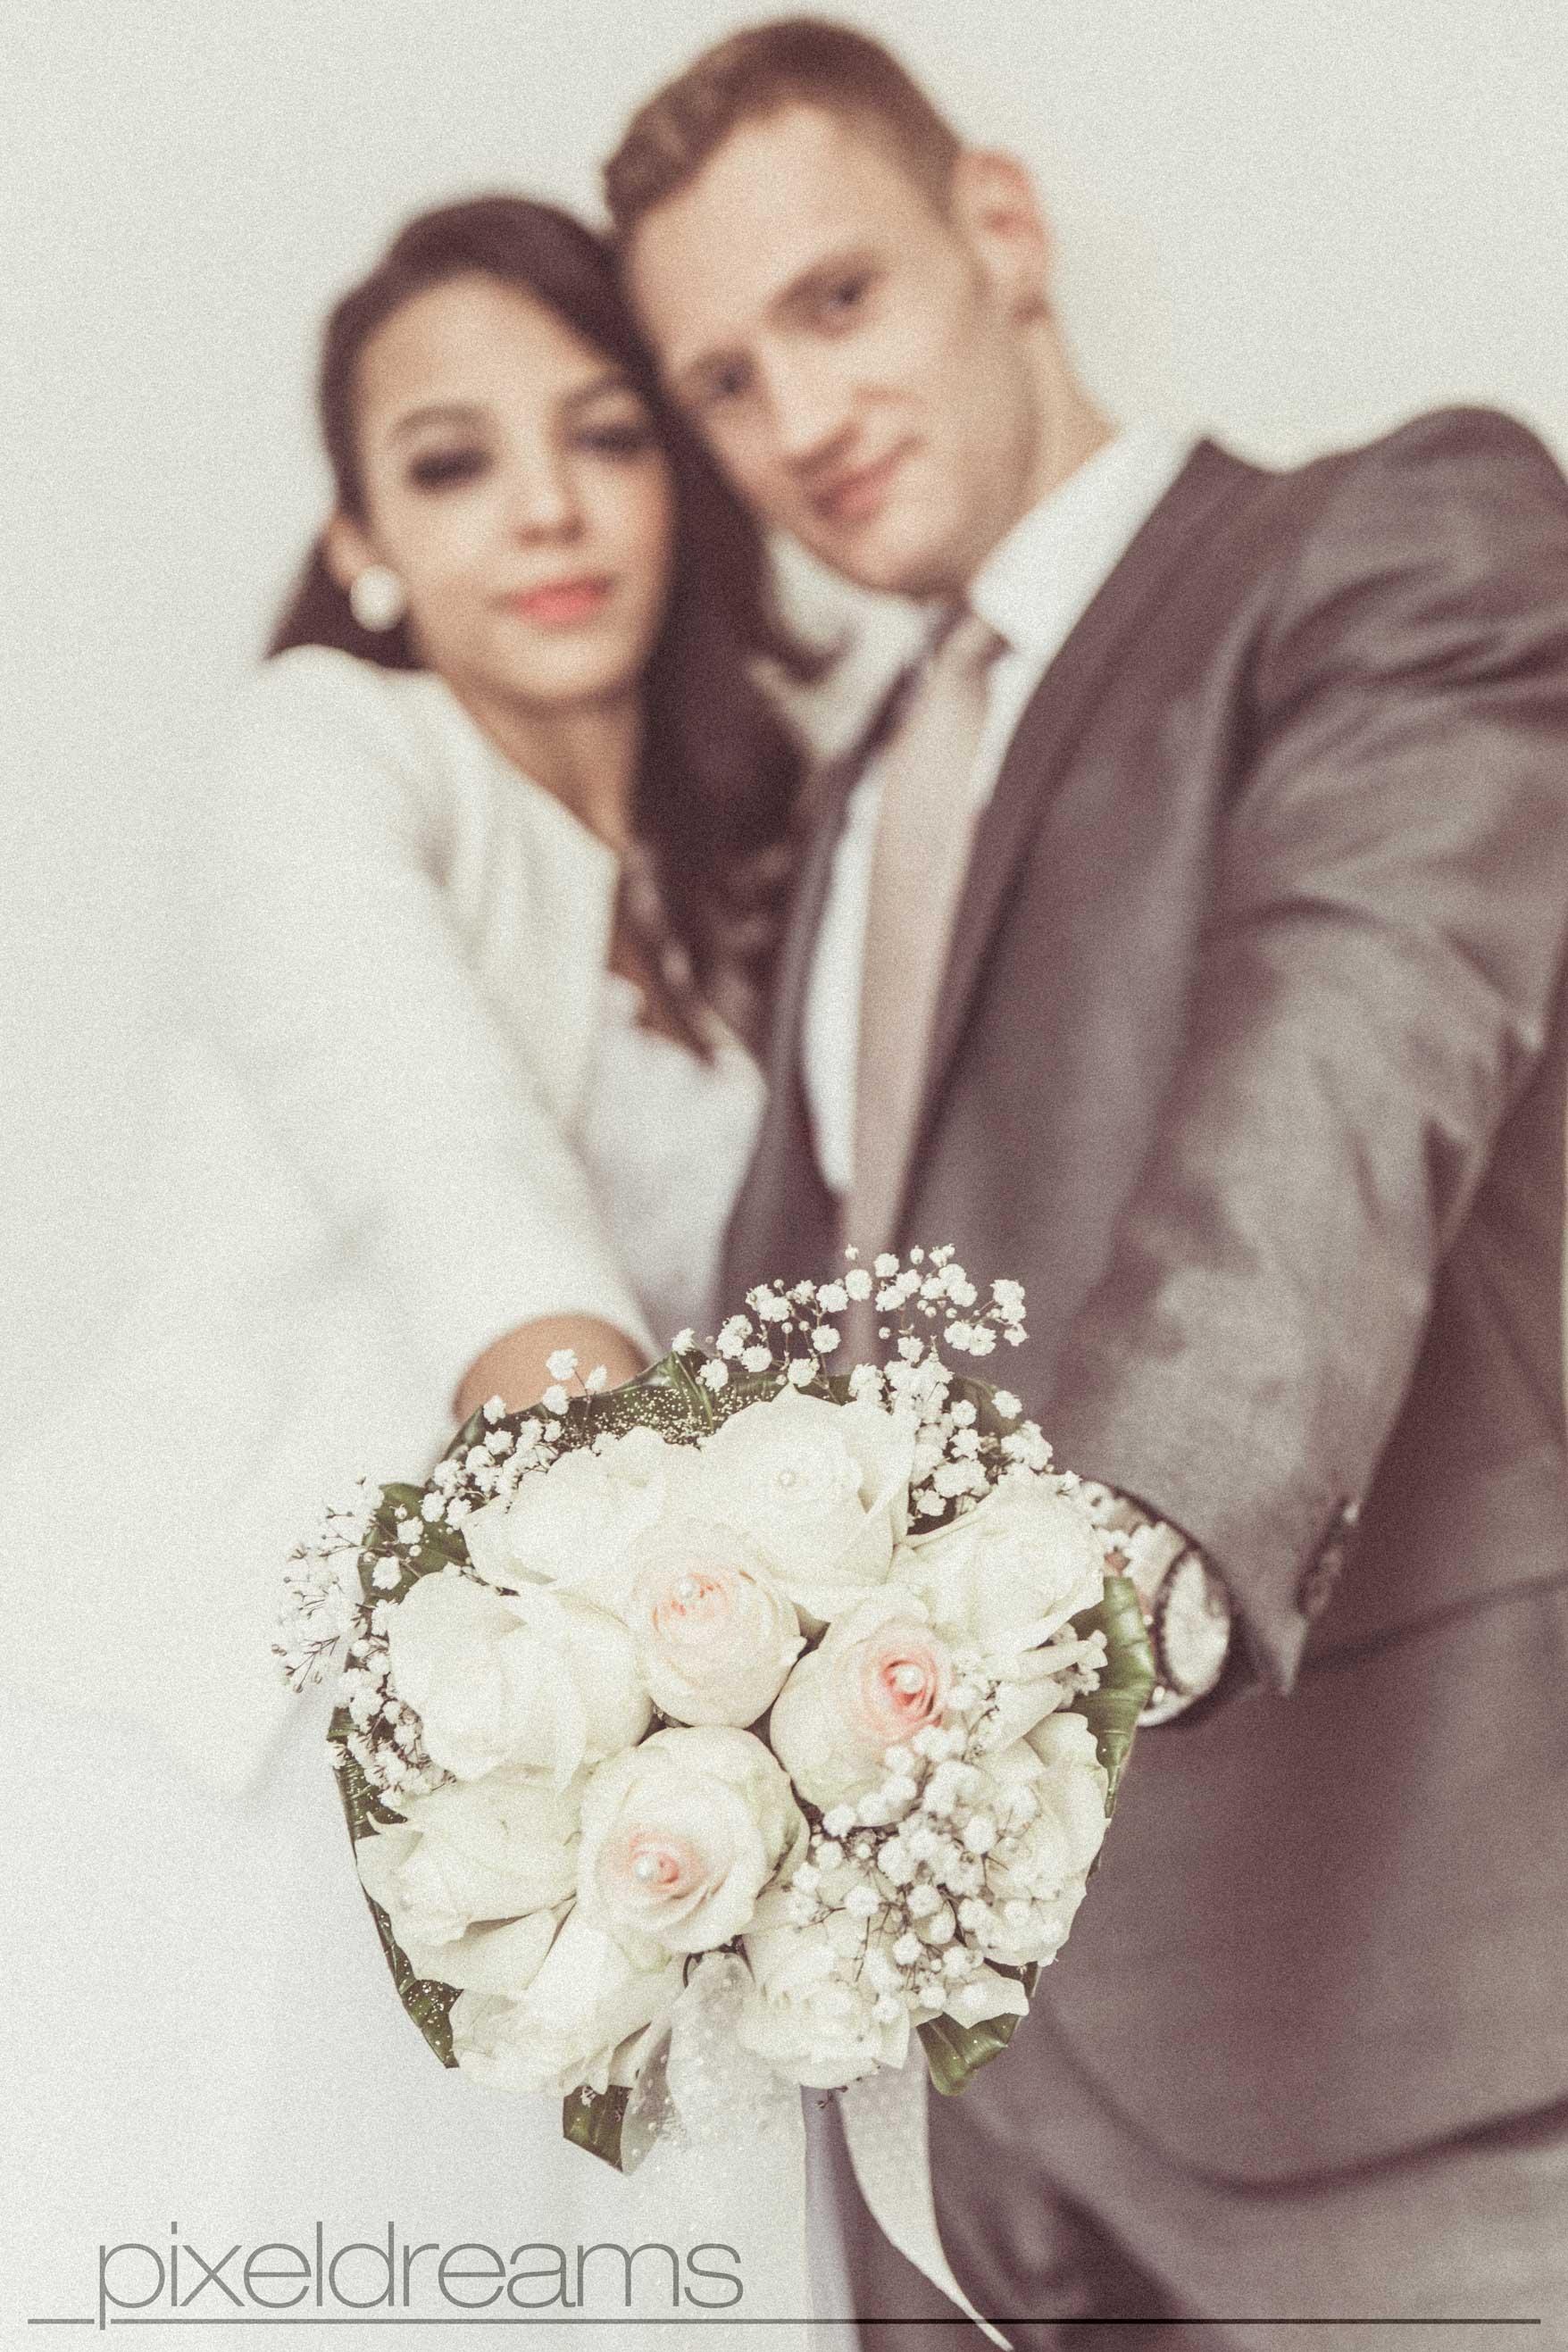 Standesamt Fotograf Braut und Bräutigam mit Brautstrauß, Hochzeitsfotografen aus Köln